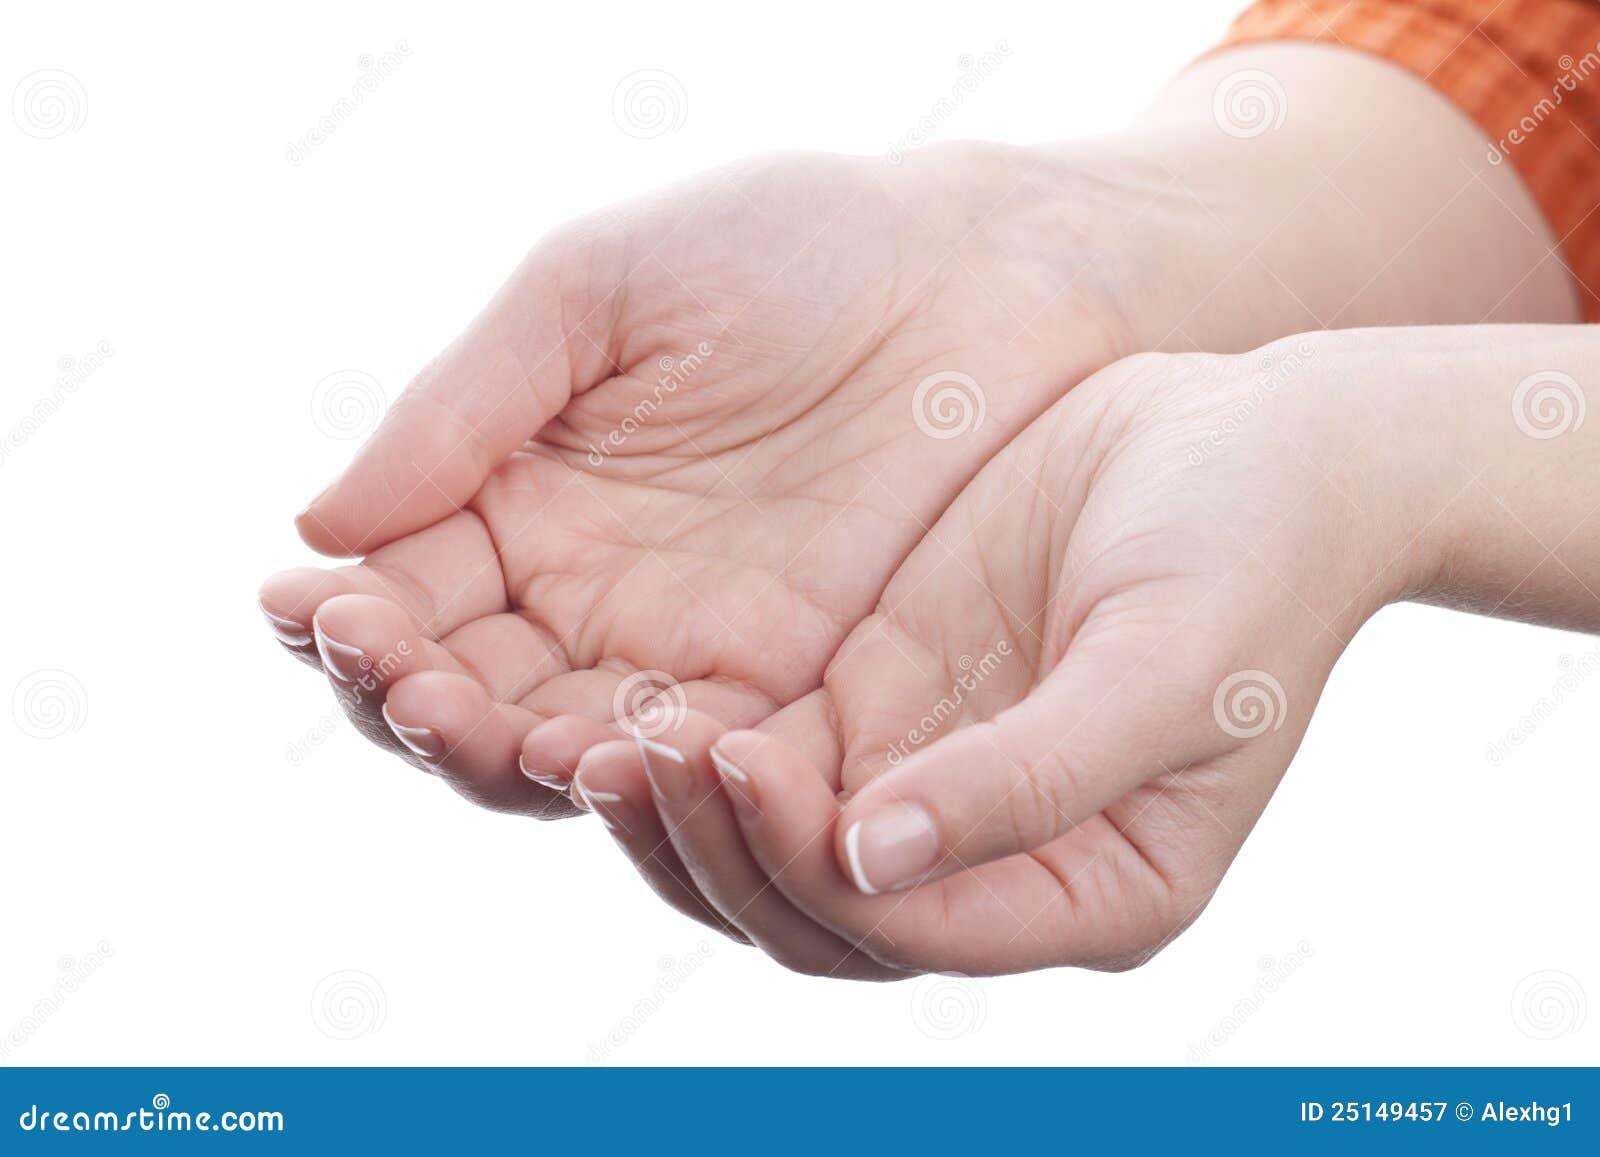 χέρια που δεν κρατούν τίποτα